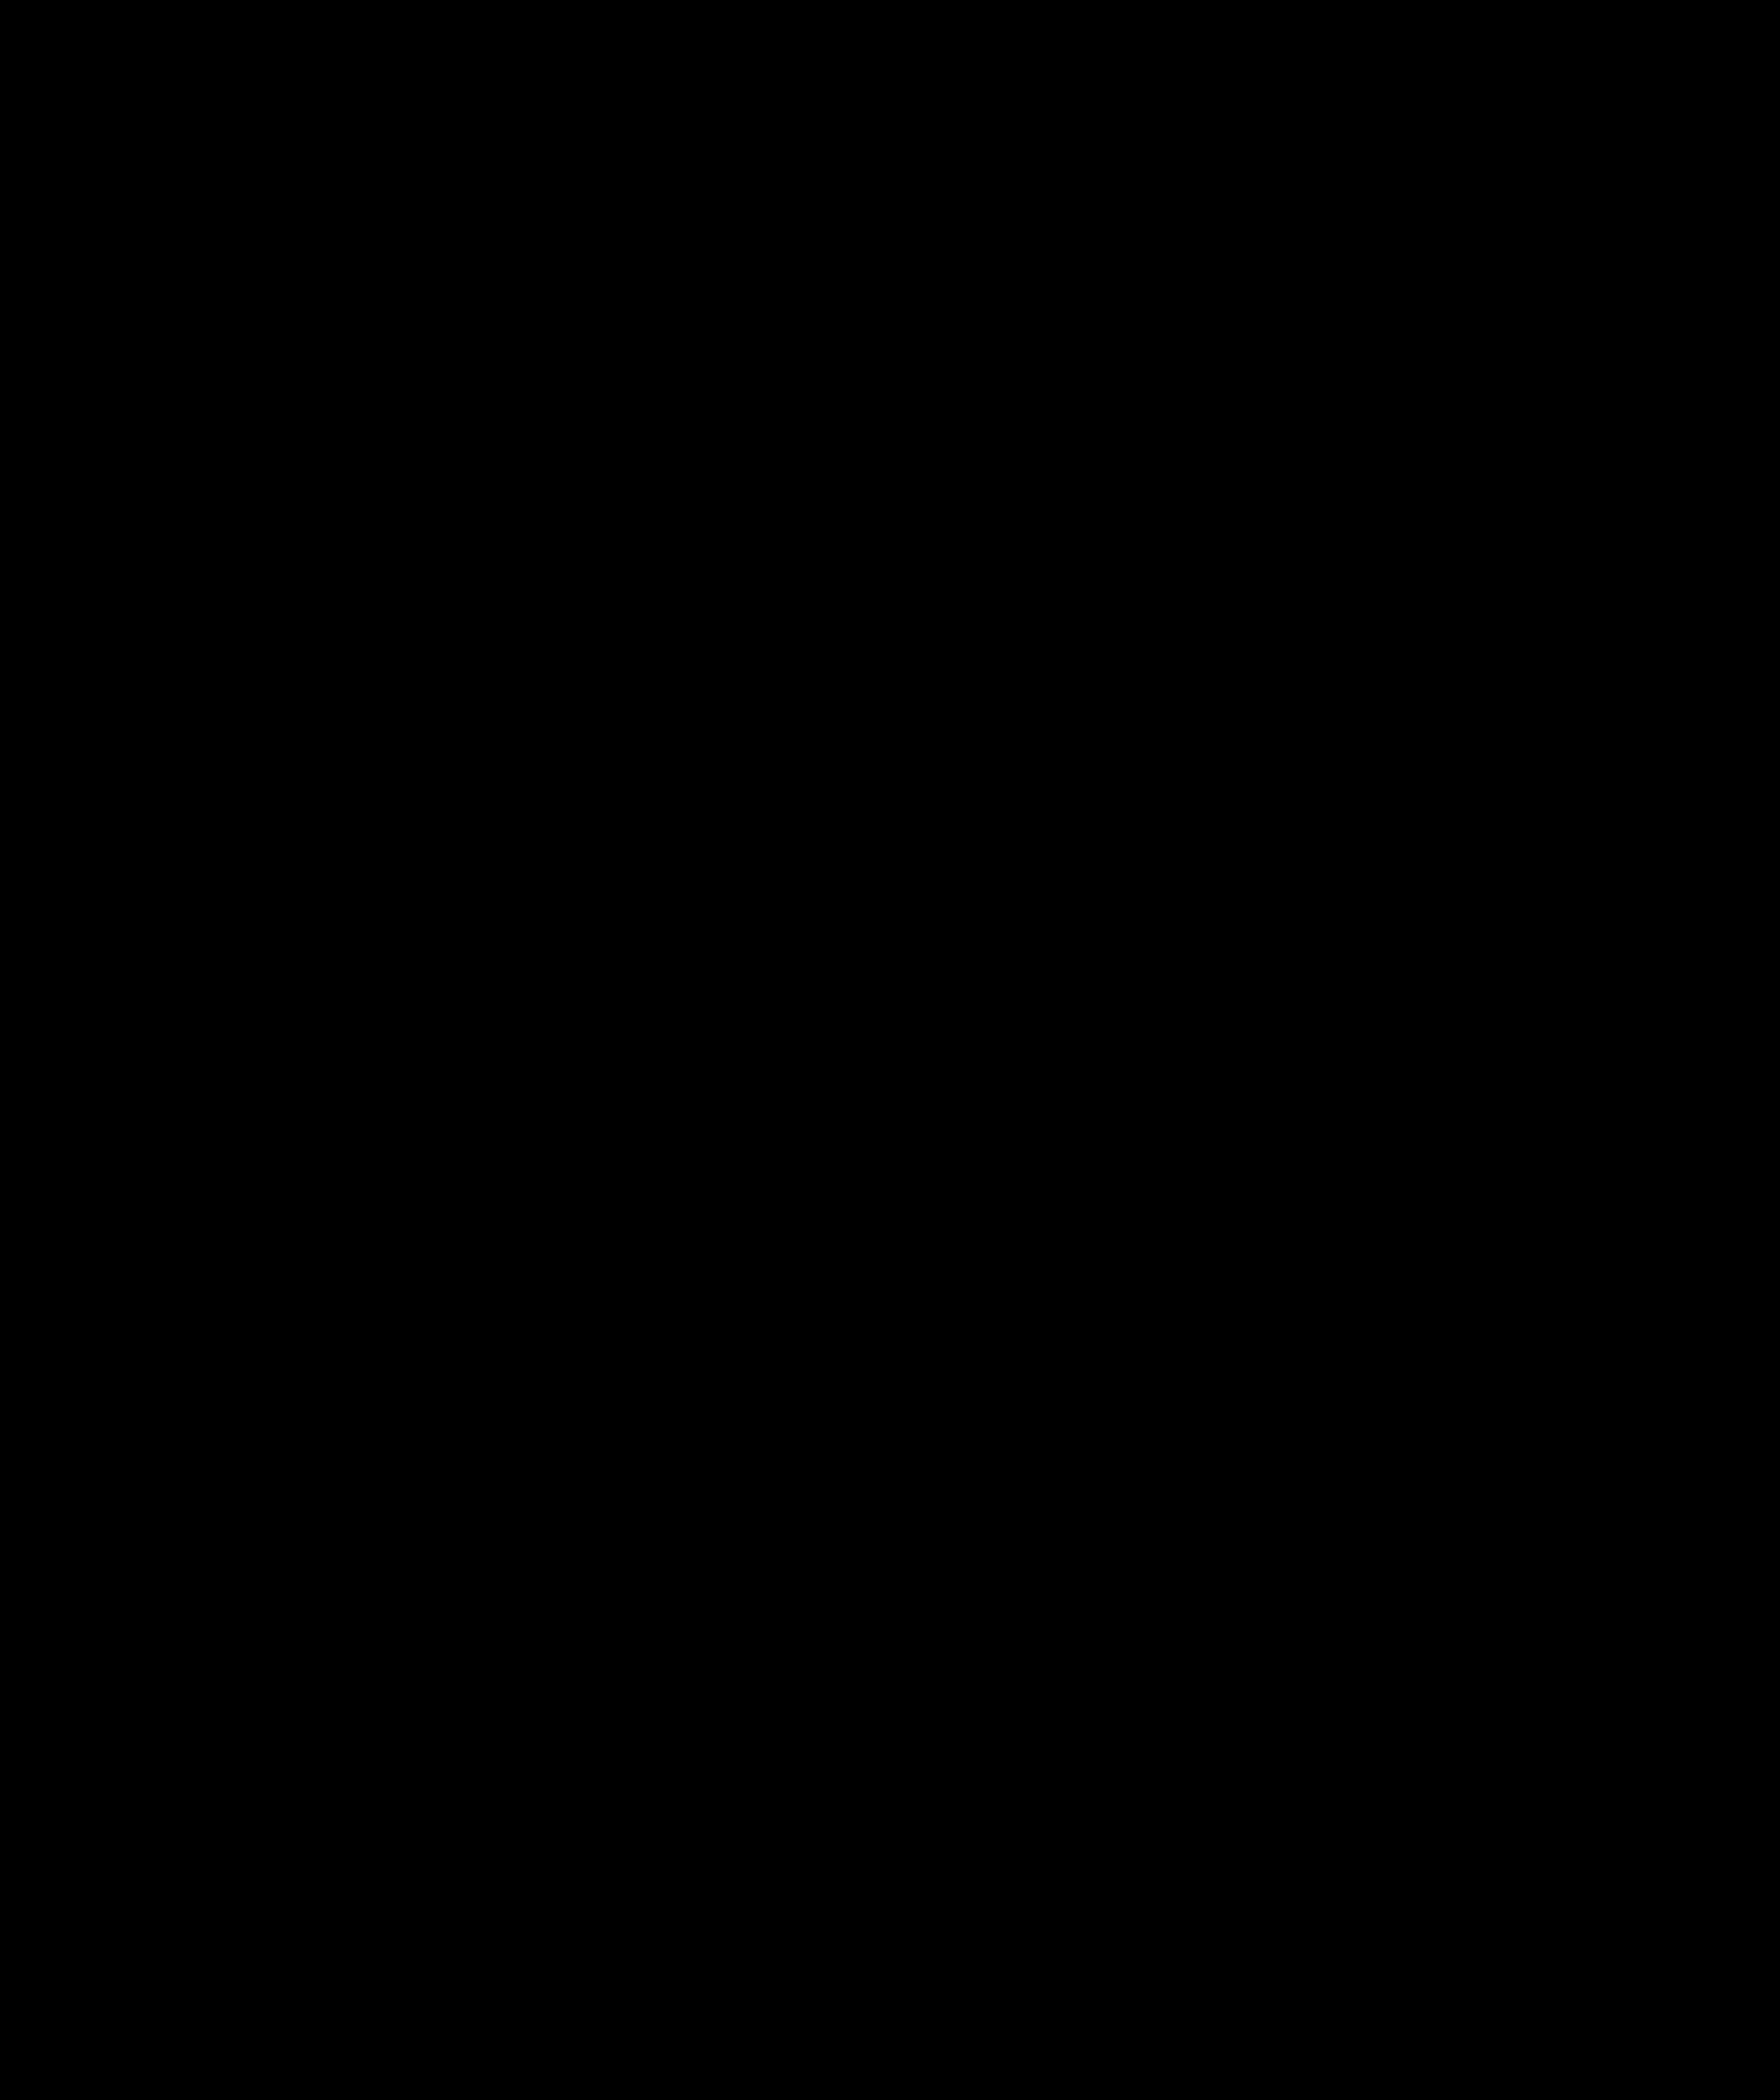 2016x2400 Nurse Symbol Clip Art Clipart